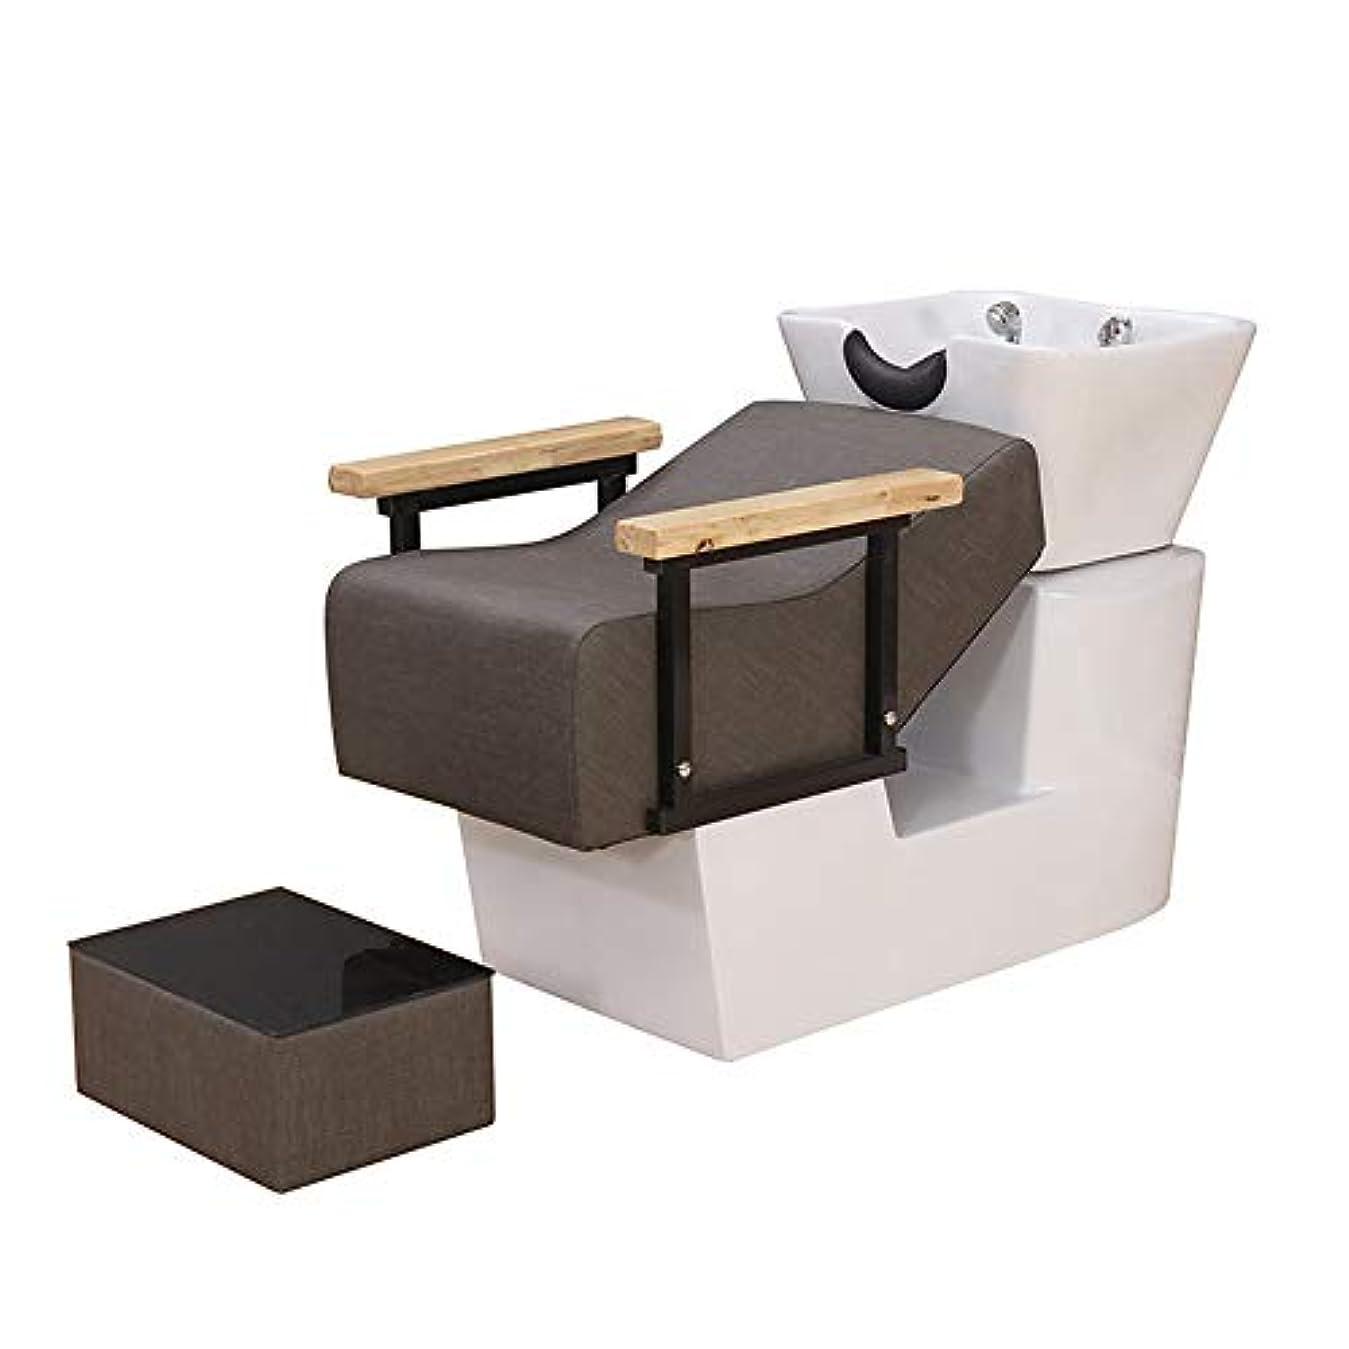 ブルジョン駐地接地シャンプーチェア、逆洗ユニットシャンプーボウル理髪シンクシンクチェア用スパ美容院機器用半埋め込みフラッシュベッド